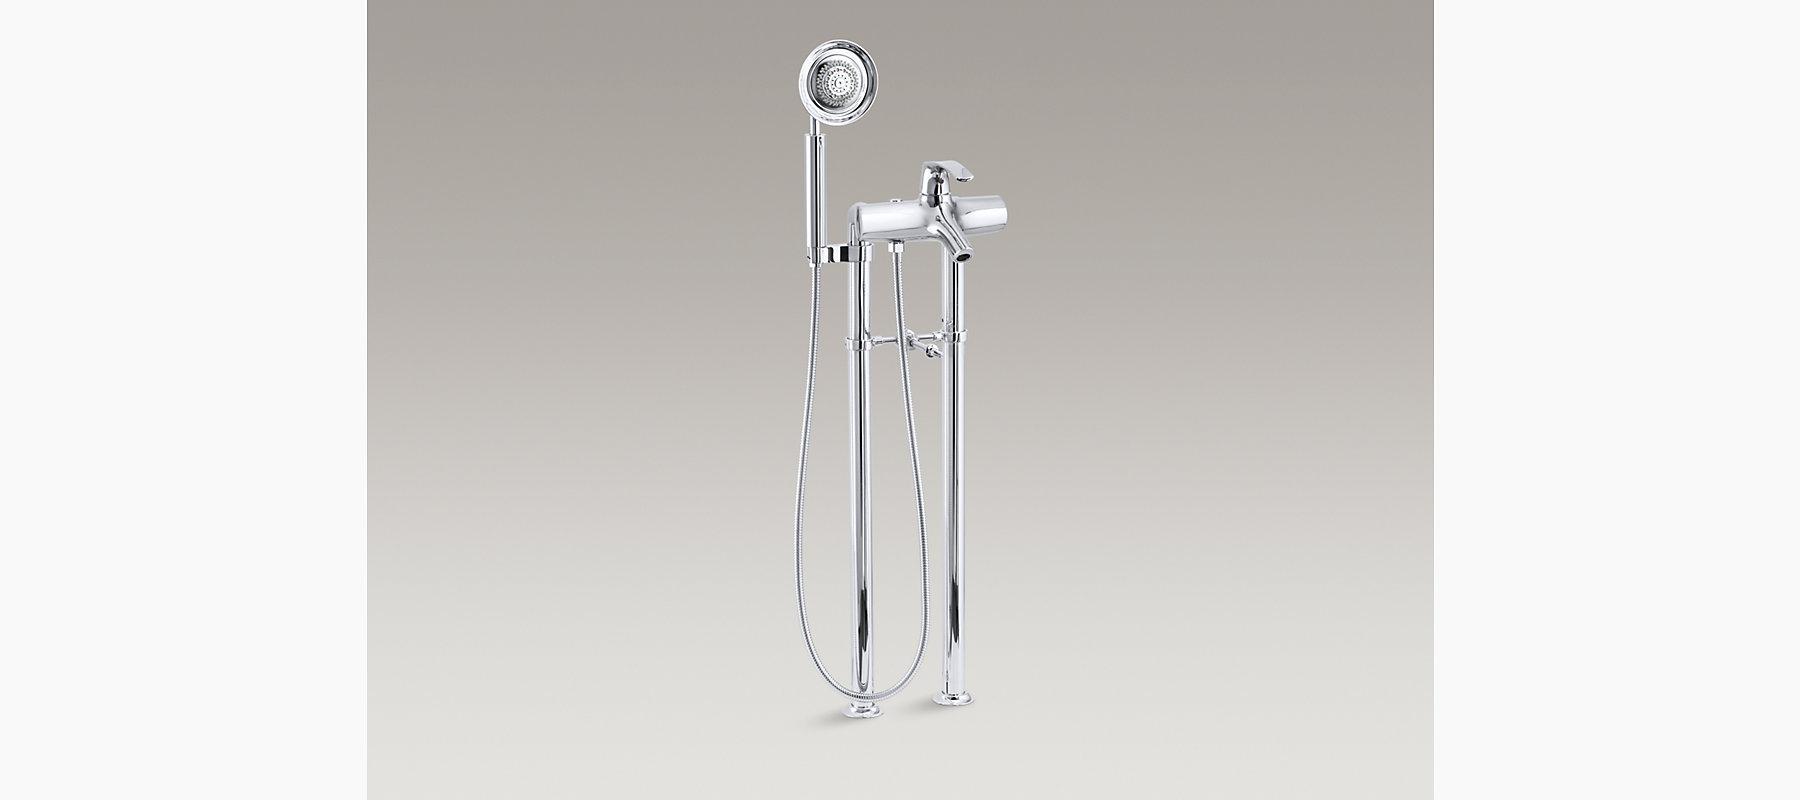 Symbol Bath Faucet with Handshower | K-18486-4 | KOHLER